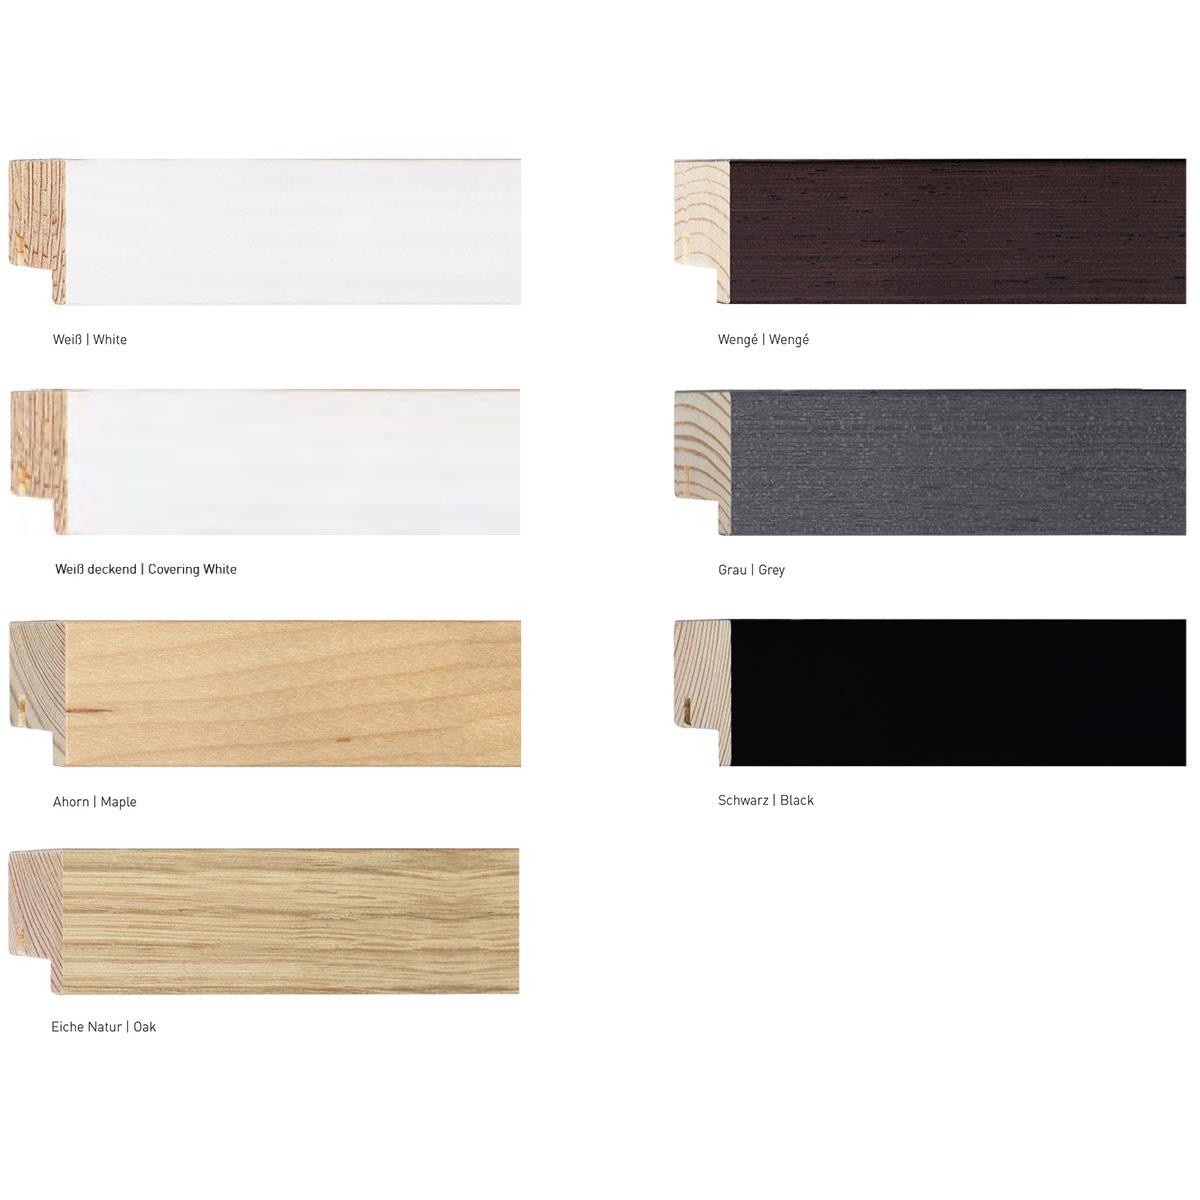 nielsen holzrahmen sonderzuschnitt xl 23 schwarz leerrahmen ohne glas r ckwand. Black Bedroom Furniture Sets. Home Design Ideas